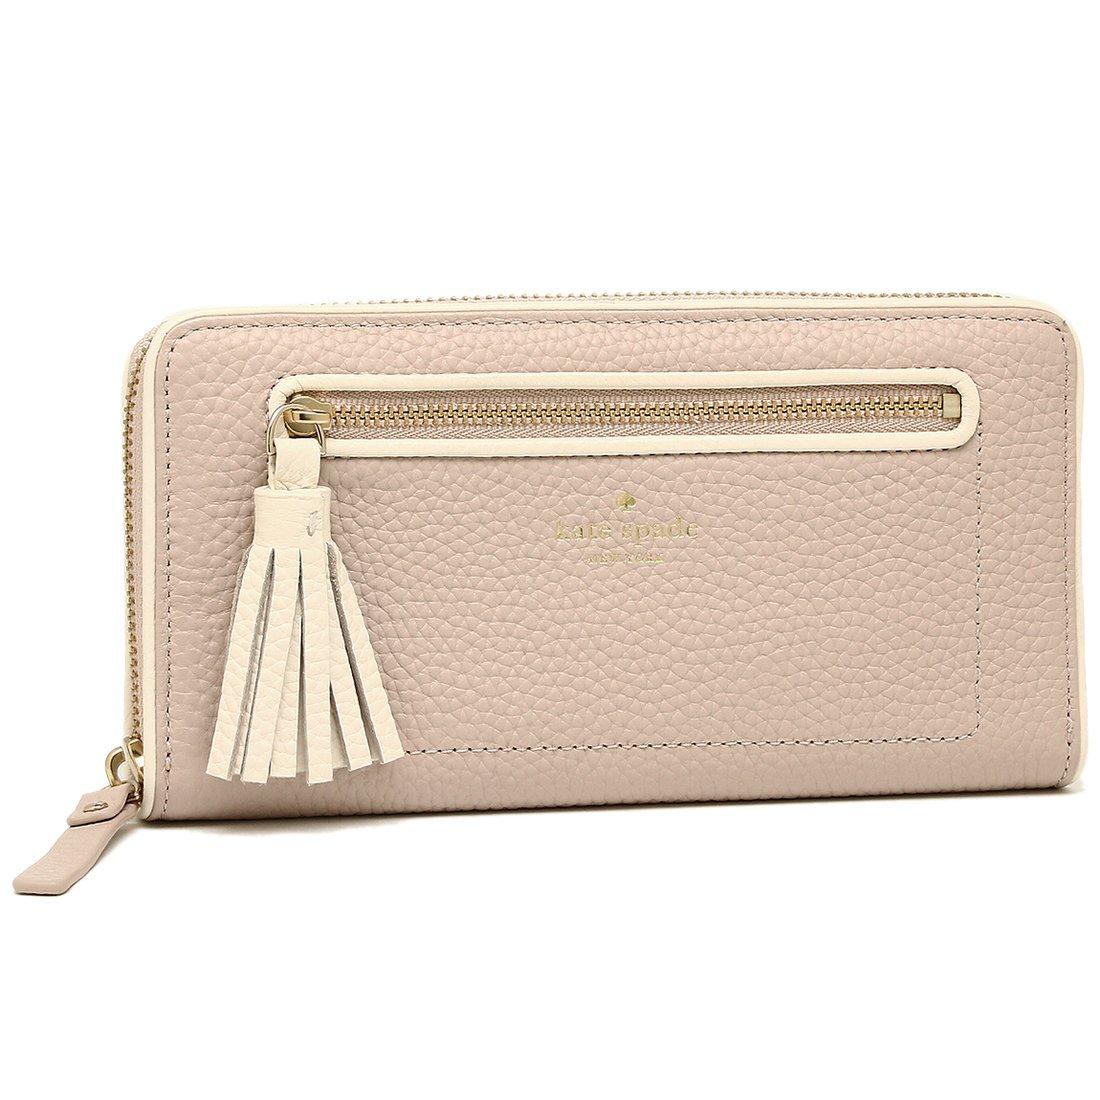 スペード 財布 ケイト